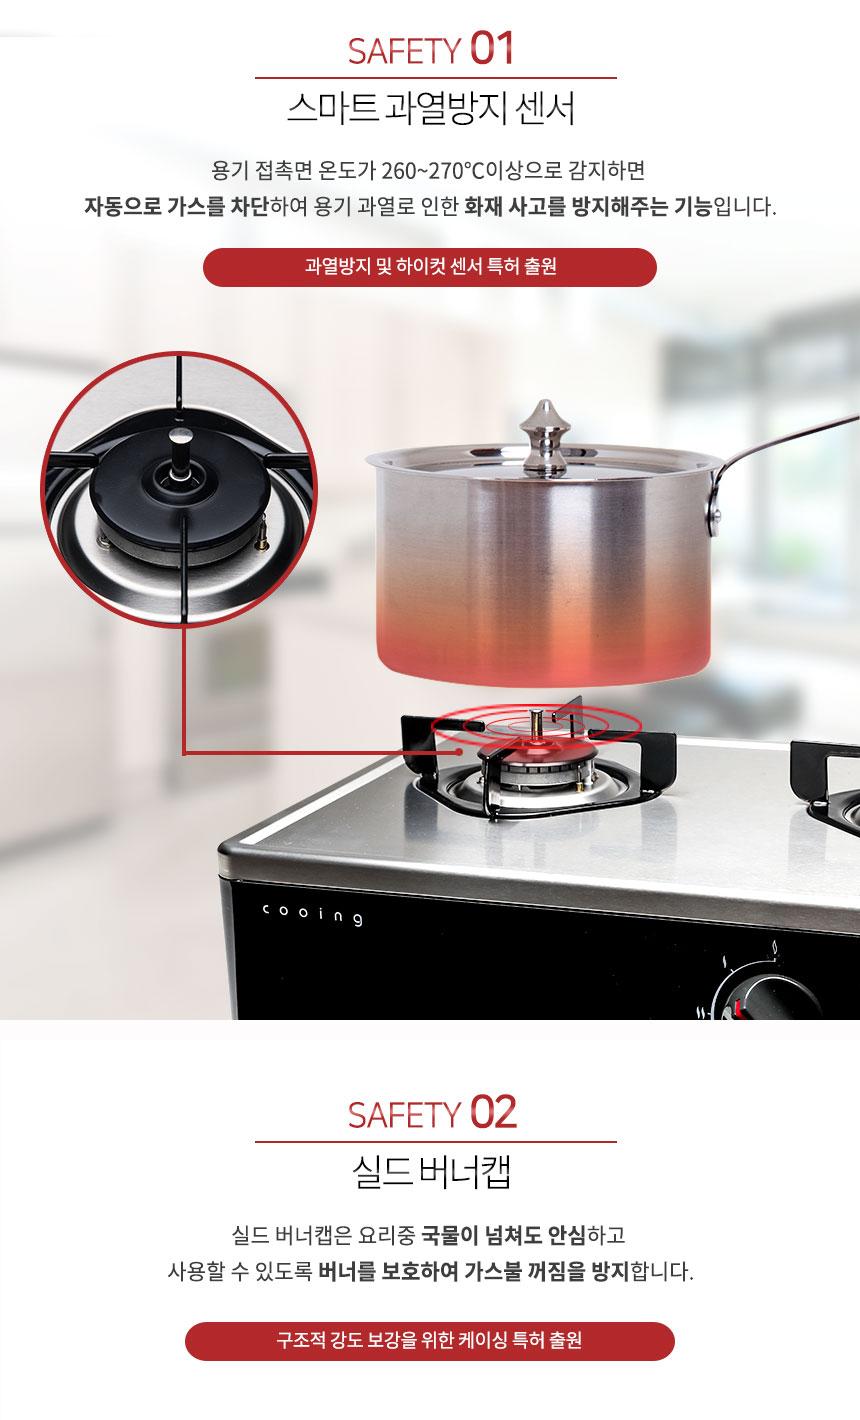 상세페이지 3, 스마트 과열 방지 센서, 과열방지 및 하이컷 센서 특허 출원, 실드 버너캡